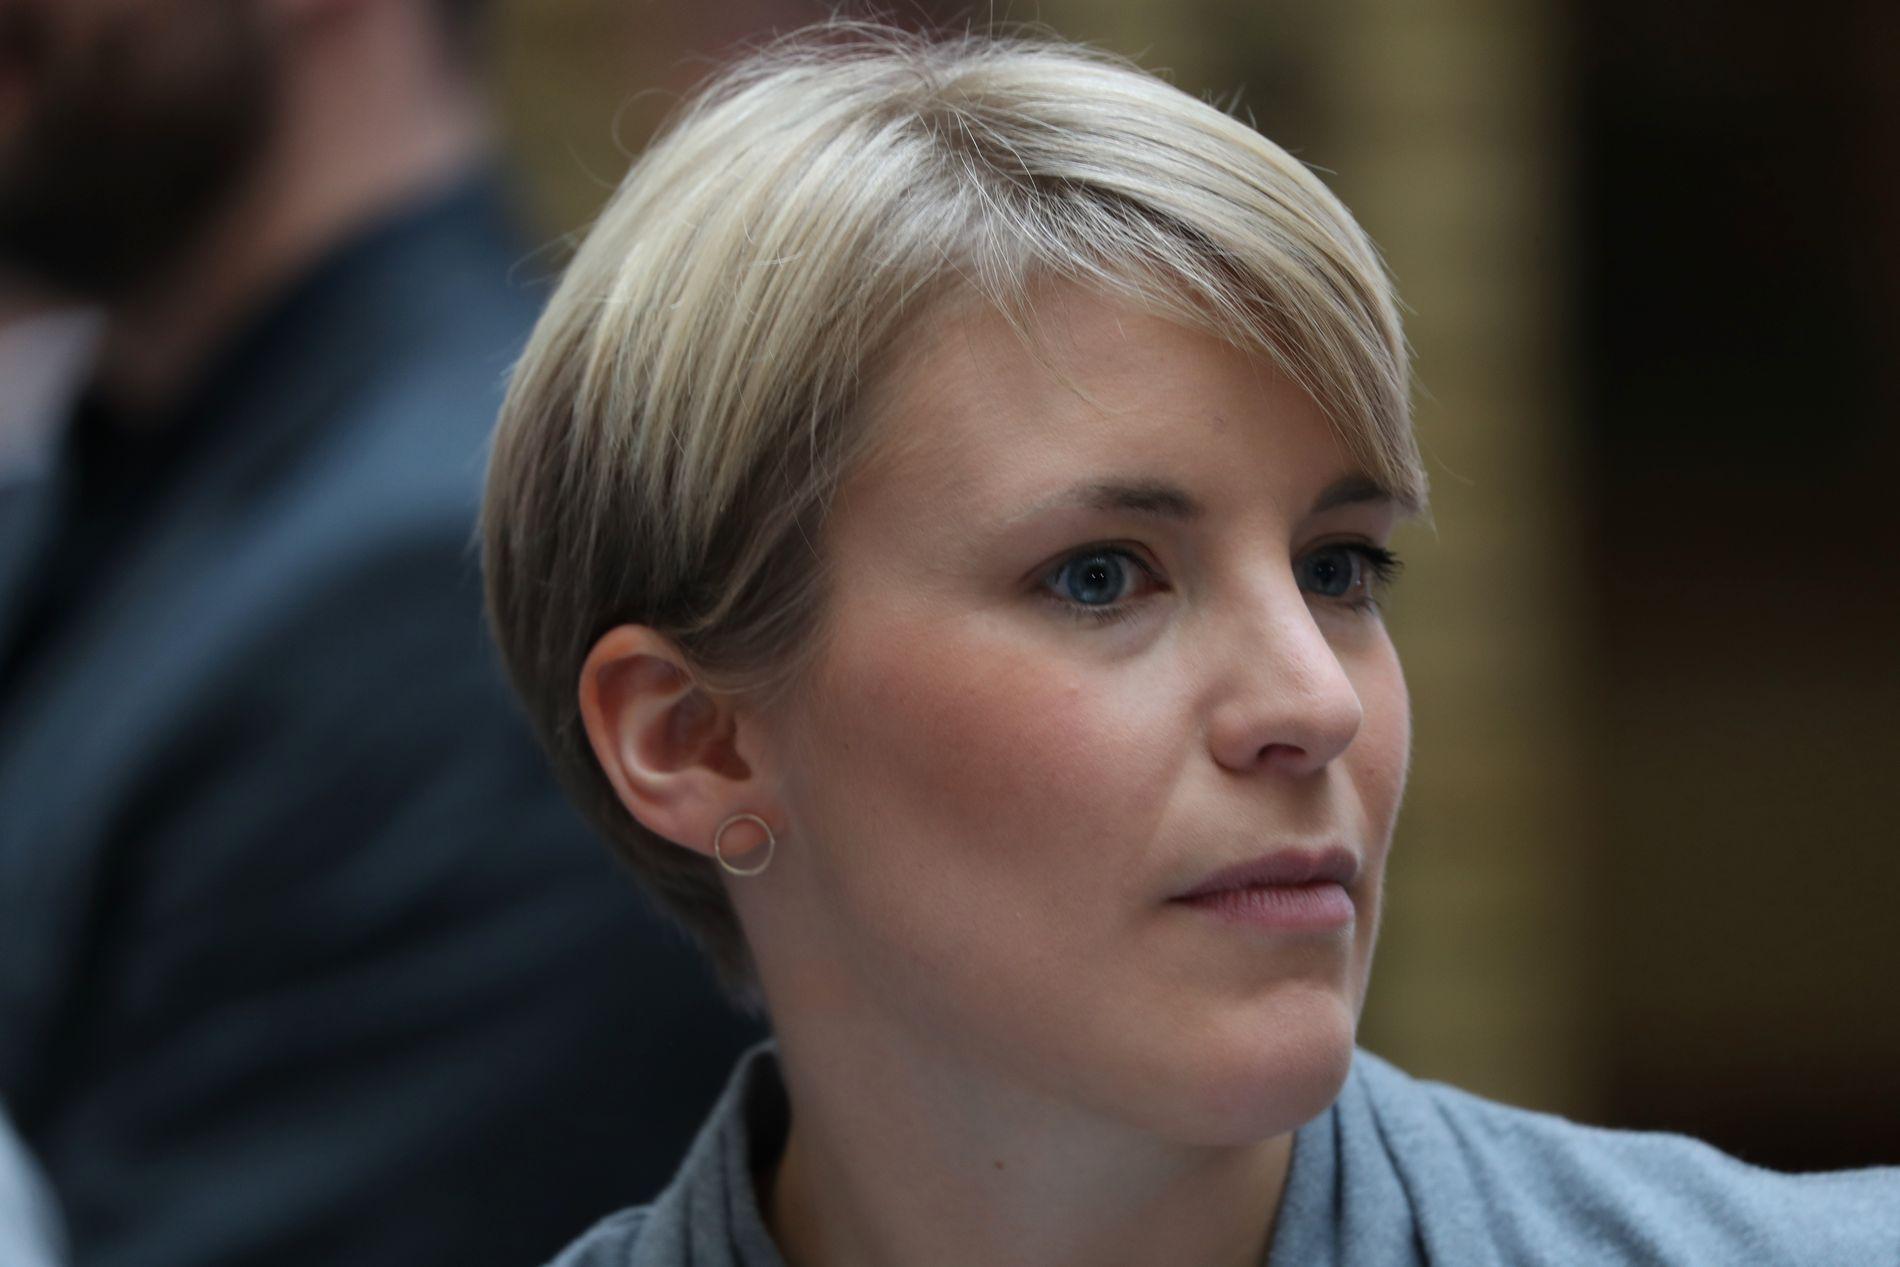 KRITISK: Kari Elisabeth Kaski, Finanspolitisk talsperson i SV, mener tilbudet og pasientsikkerheten i Oslo vil bli svekket dersom Ullevål sykehus legges ned.